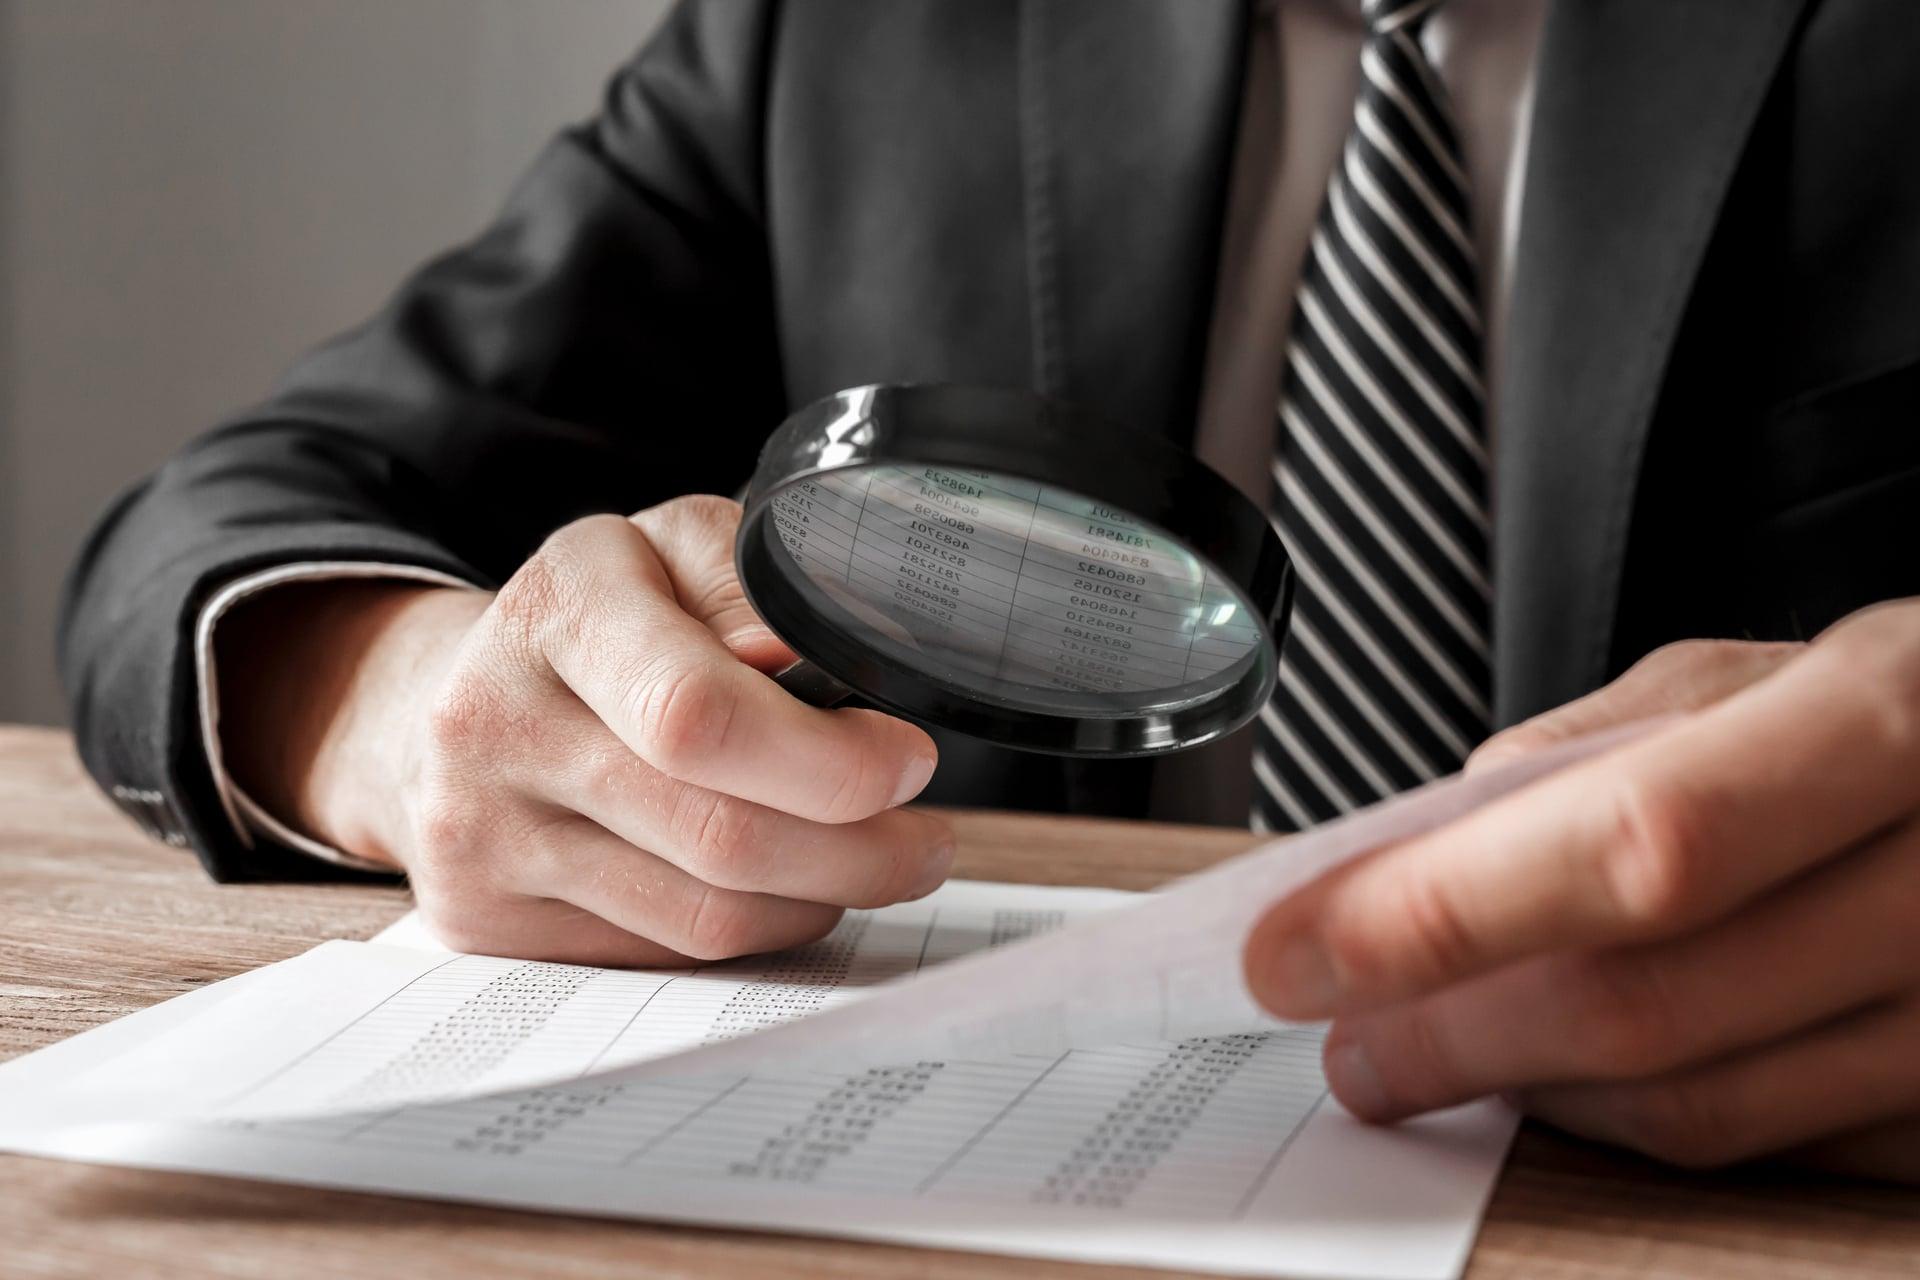 Detective privato Pavia per investigazioni private e investigazioni per aziende